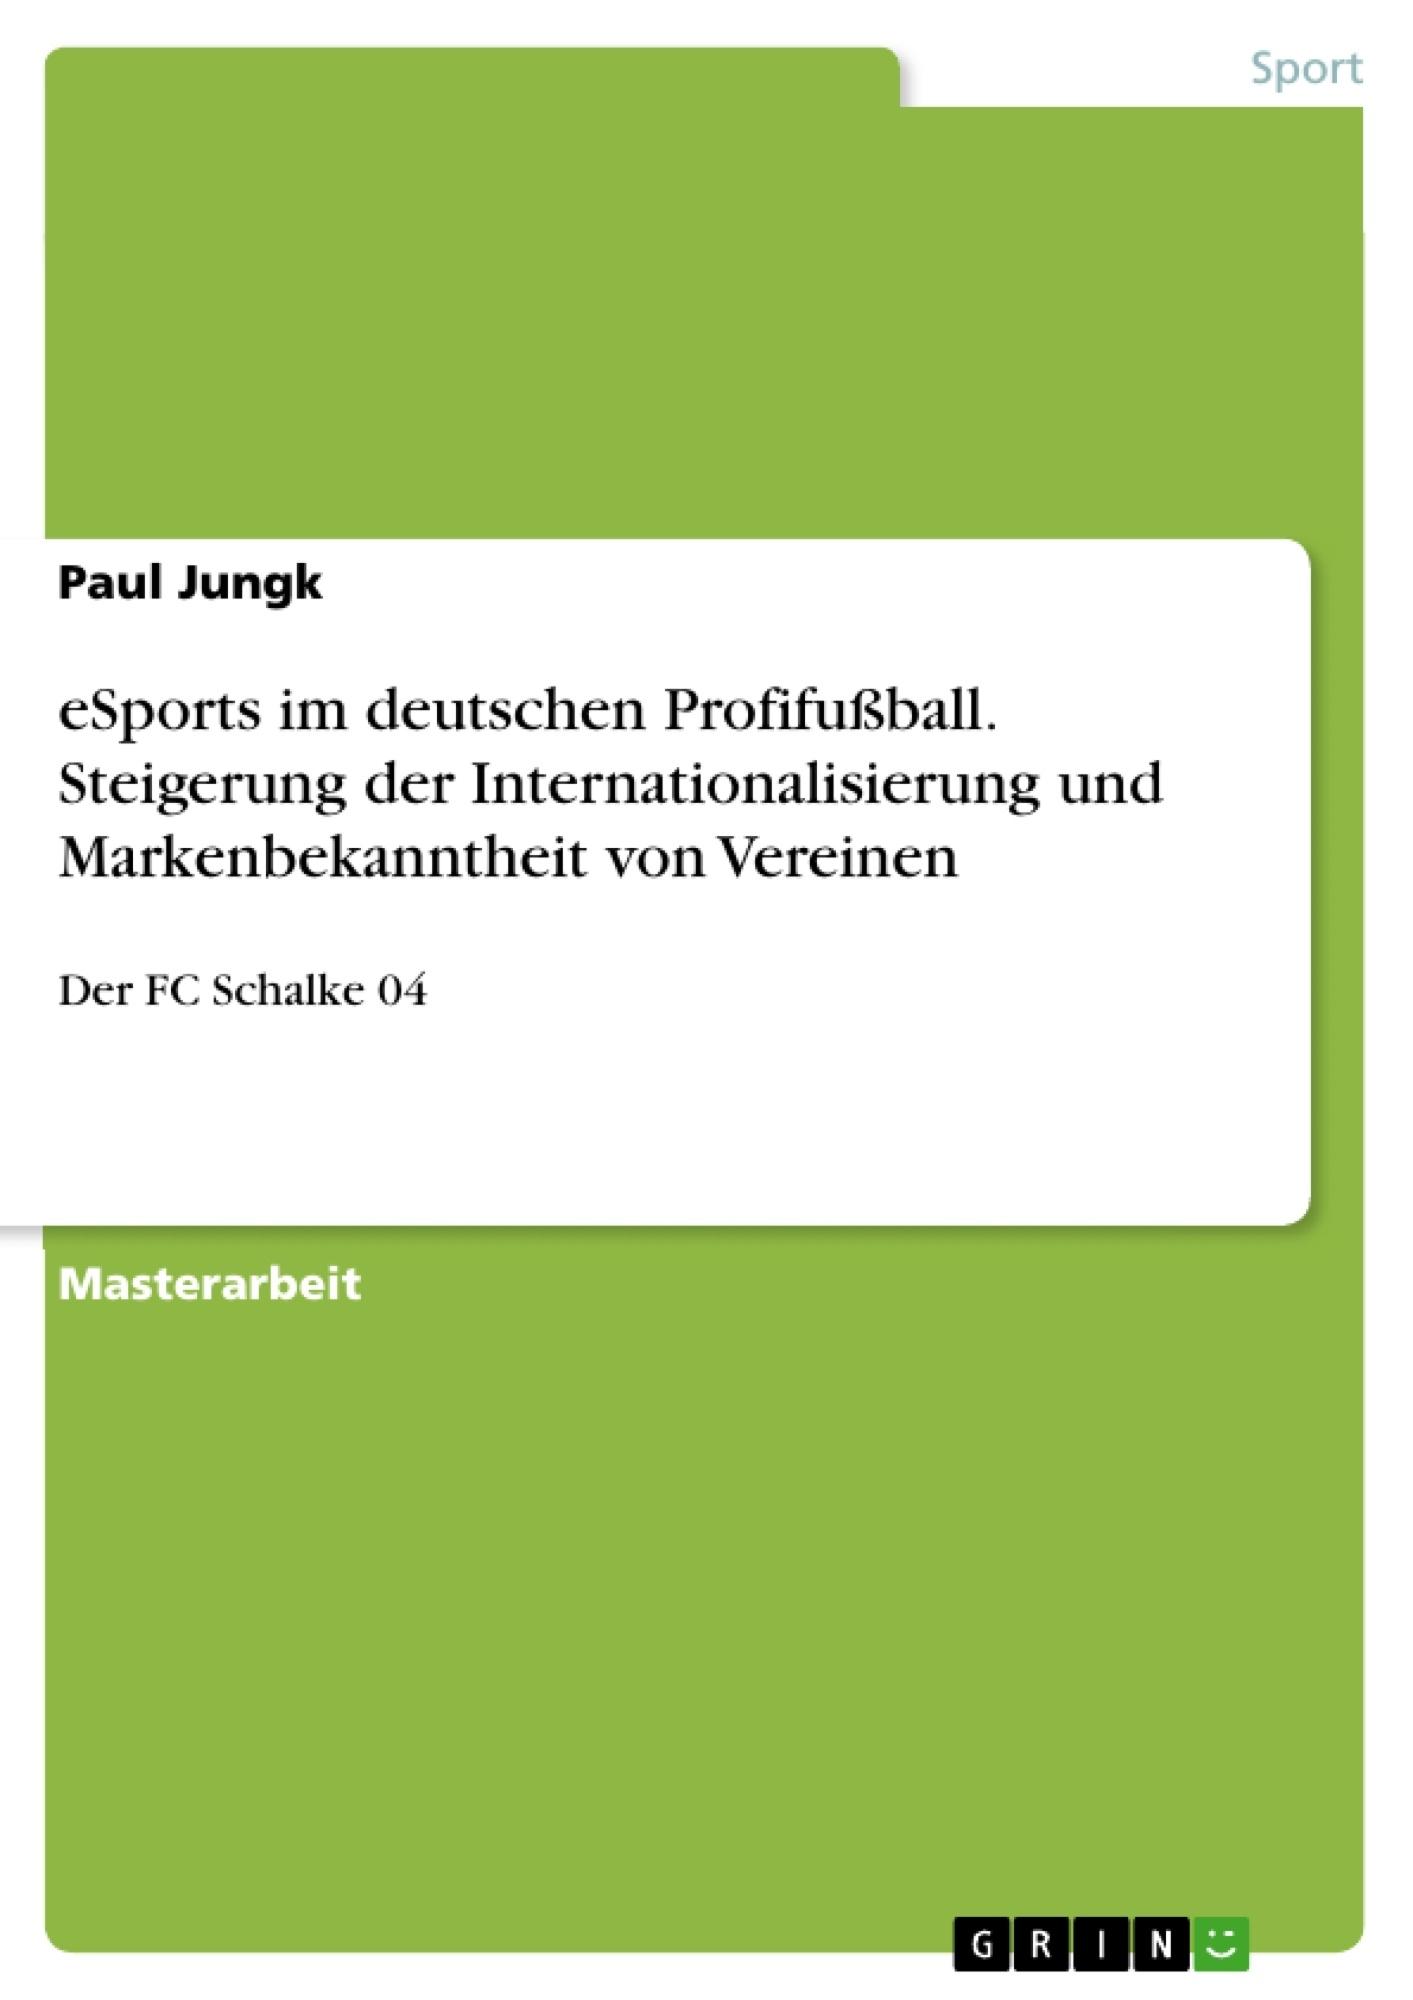 Titel: eSports im deutschen Profifußball. Steigerung der Internationalisierung und Markenbekanntheit von Vereinen